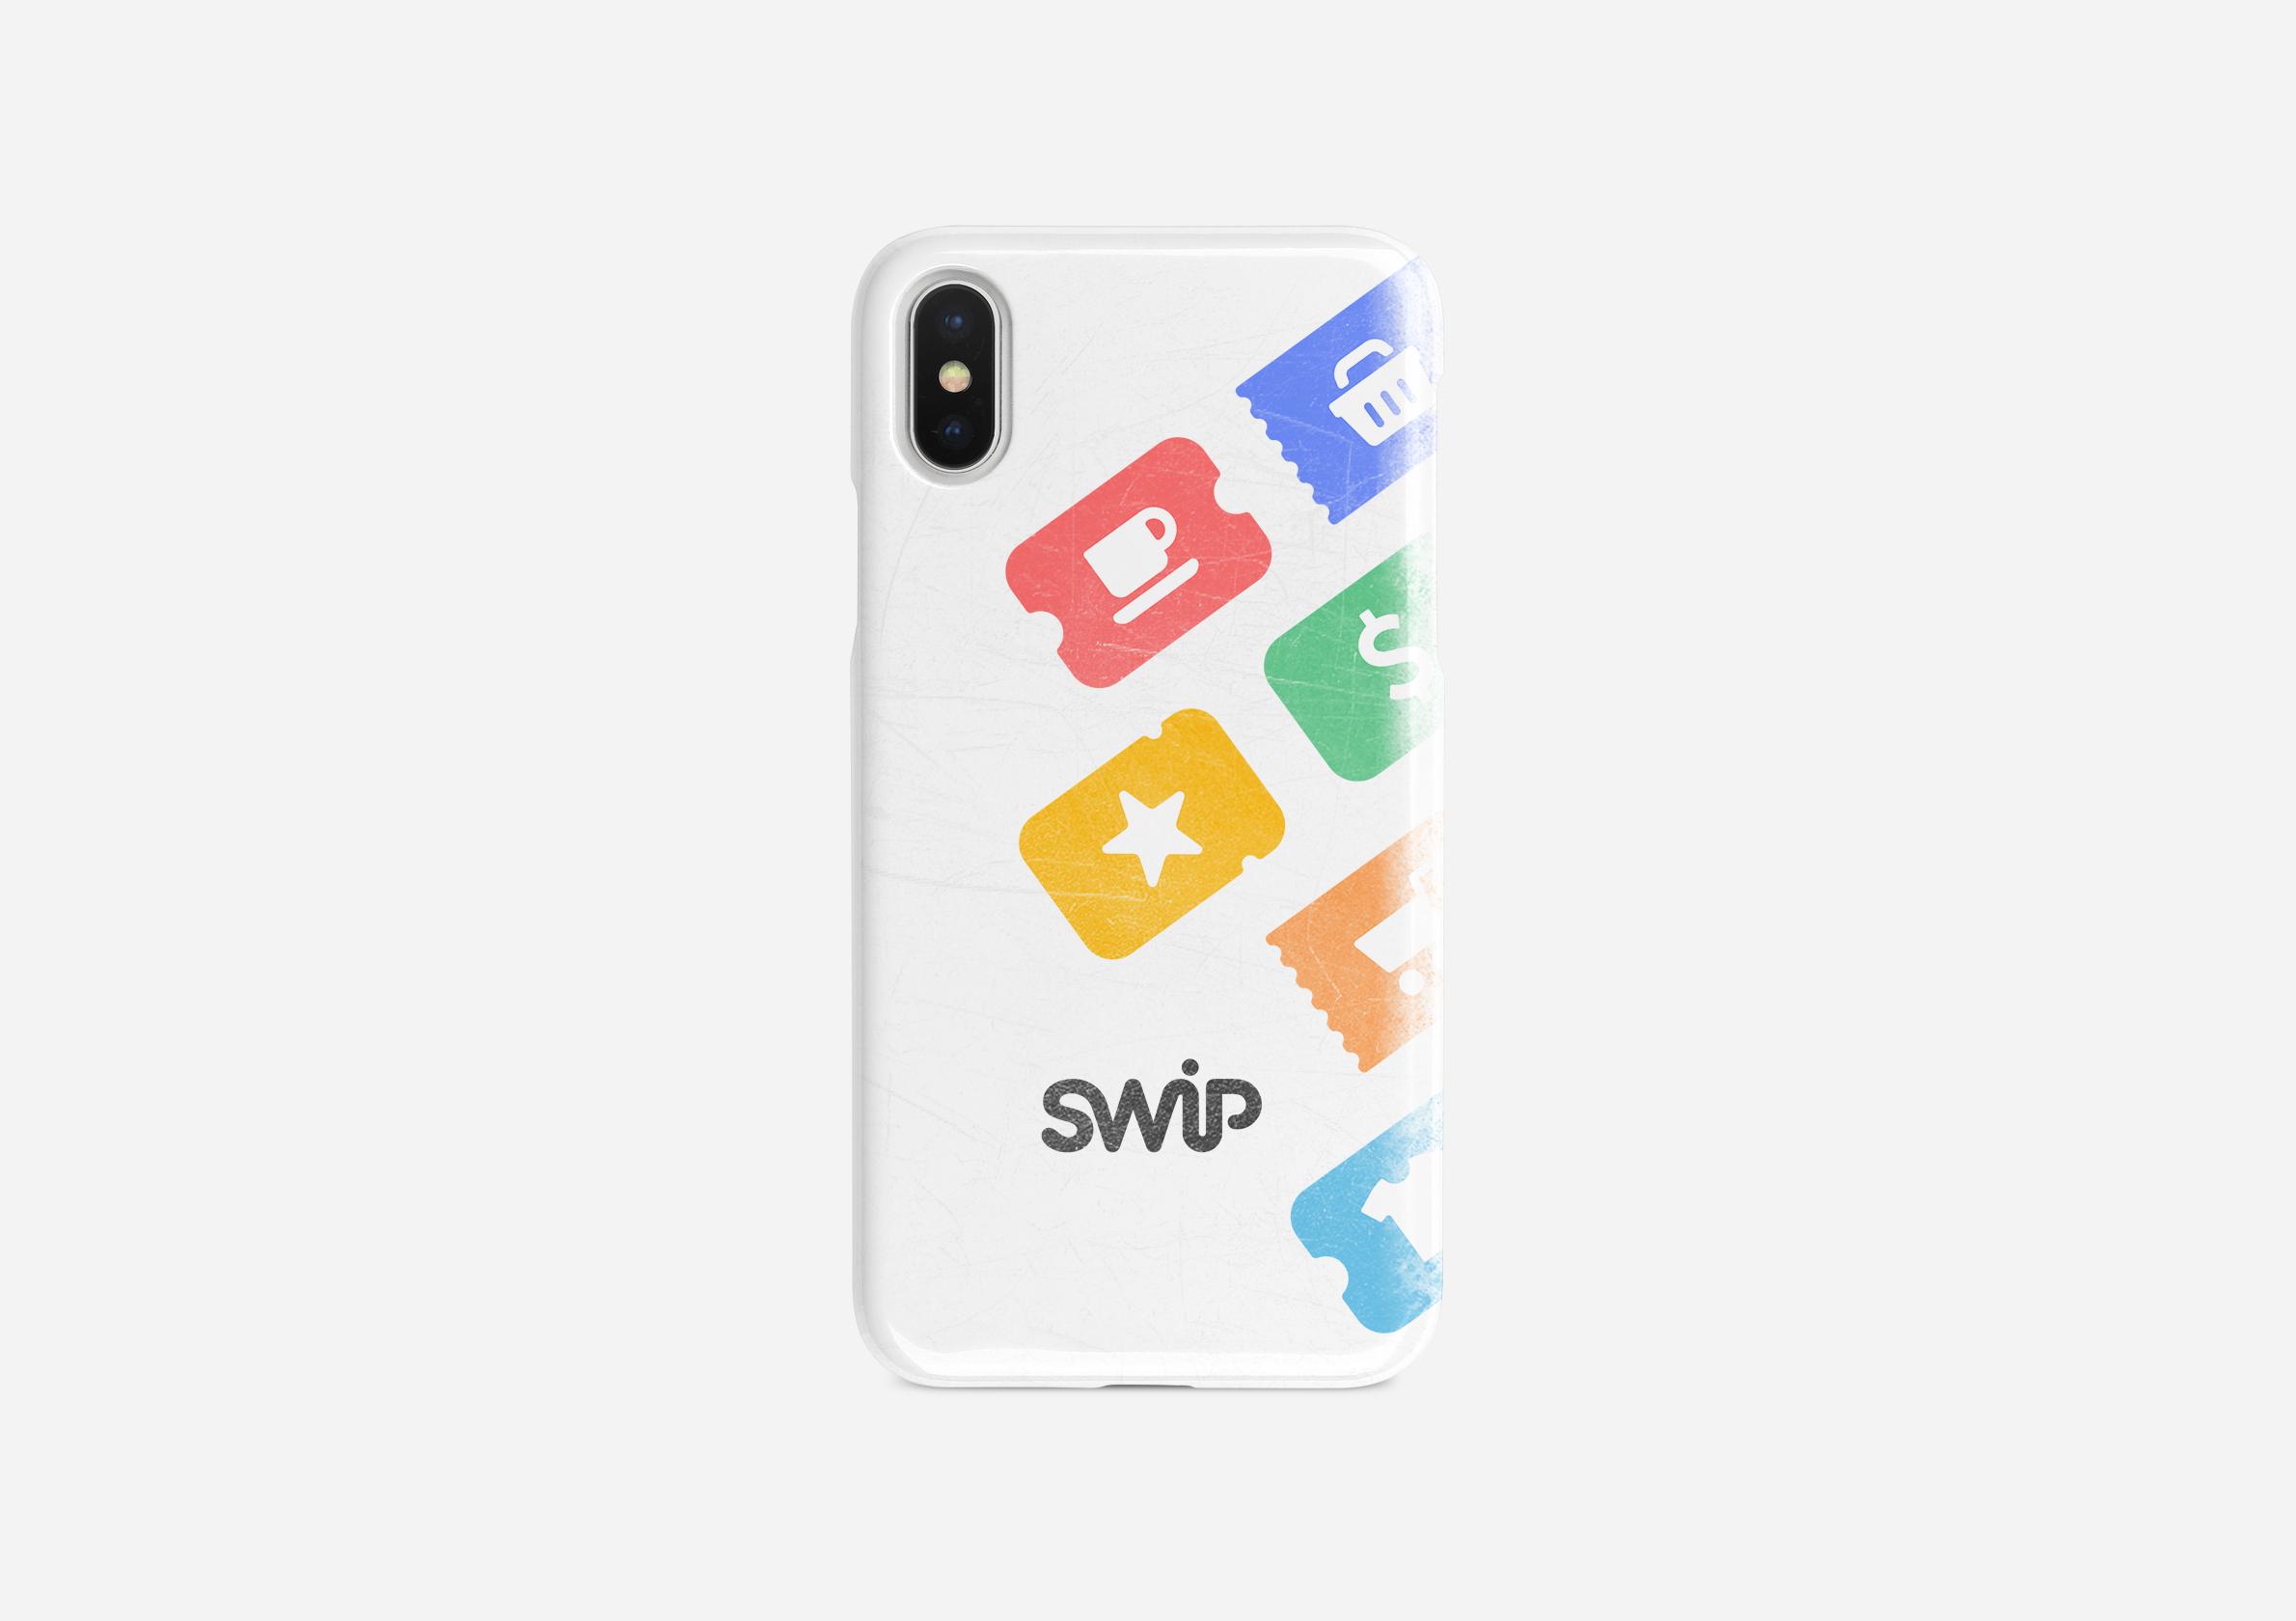 Swip case 2